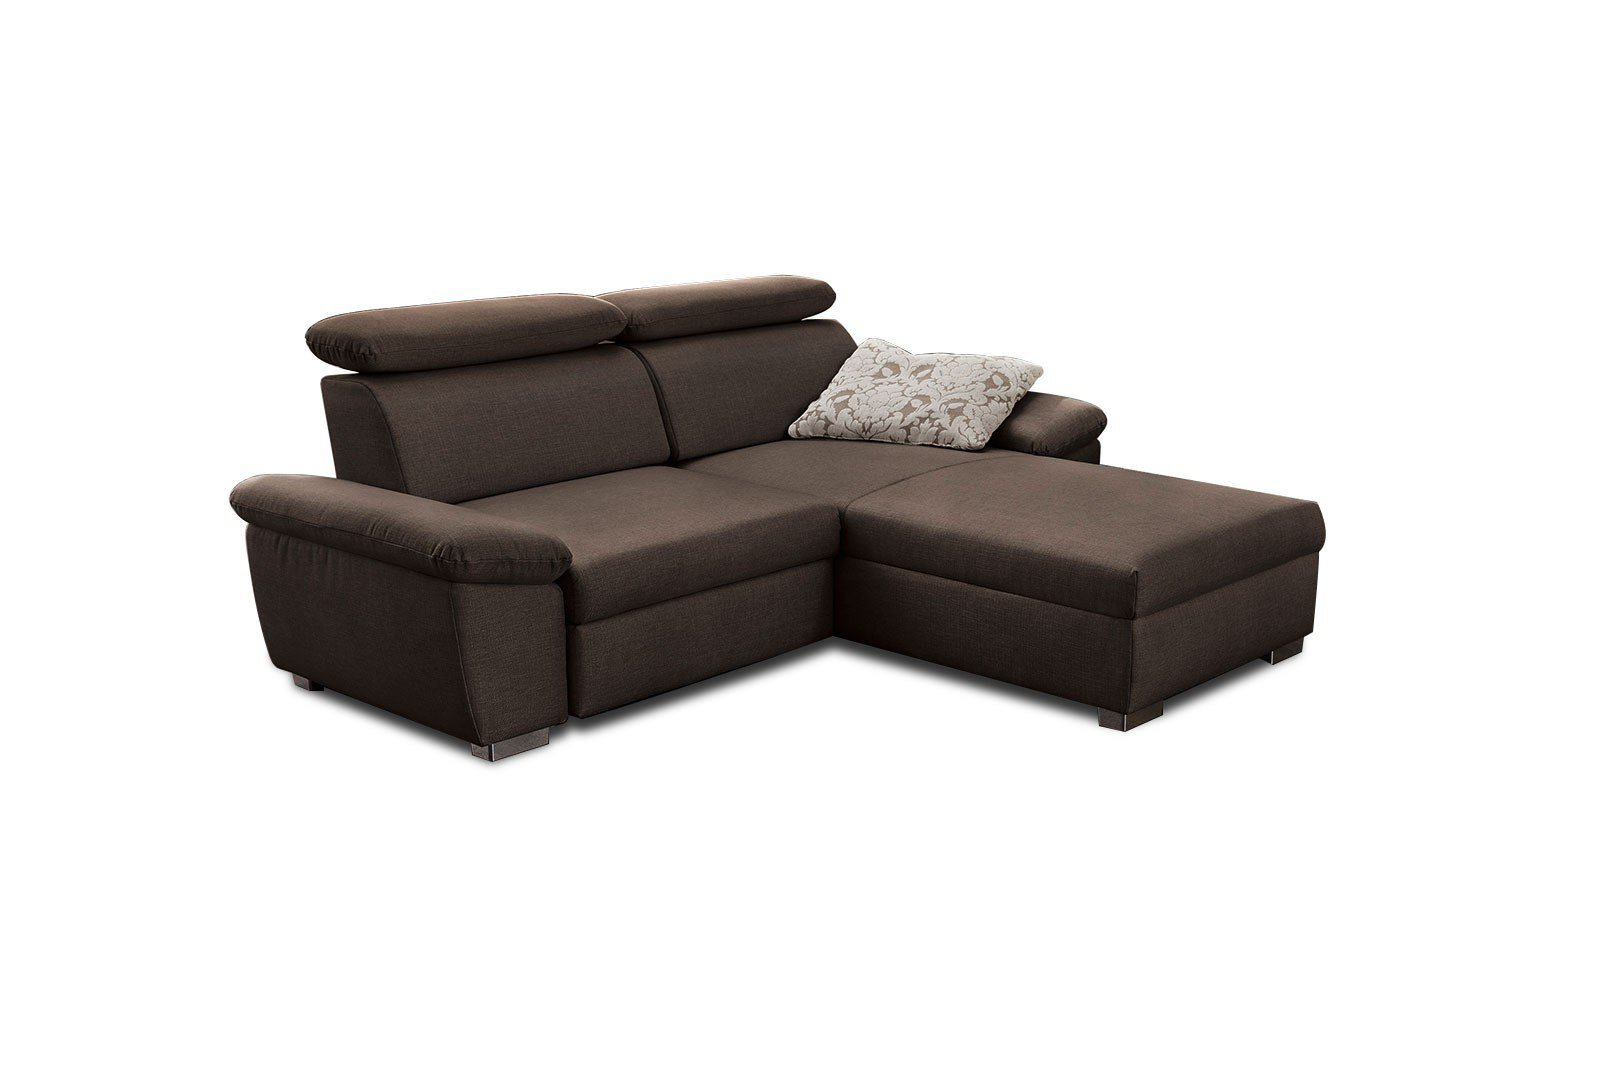 kamen von jockenh fer eckcouch braun m bel letz ihr. Black Bedroom Furniture Sets. Home Design Ideas